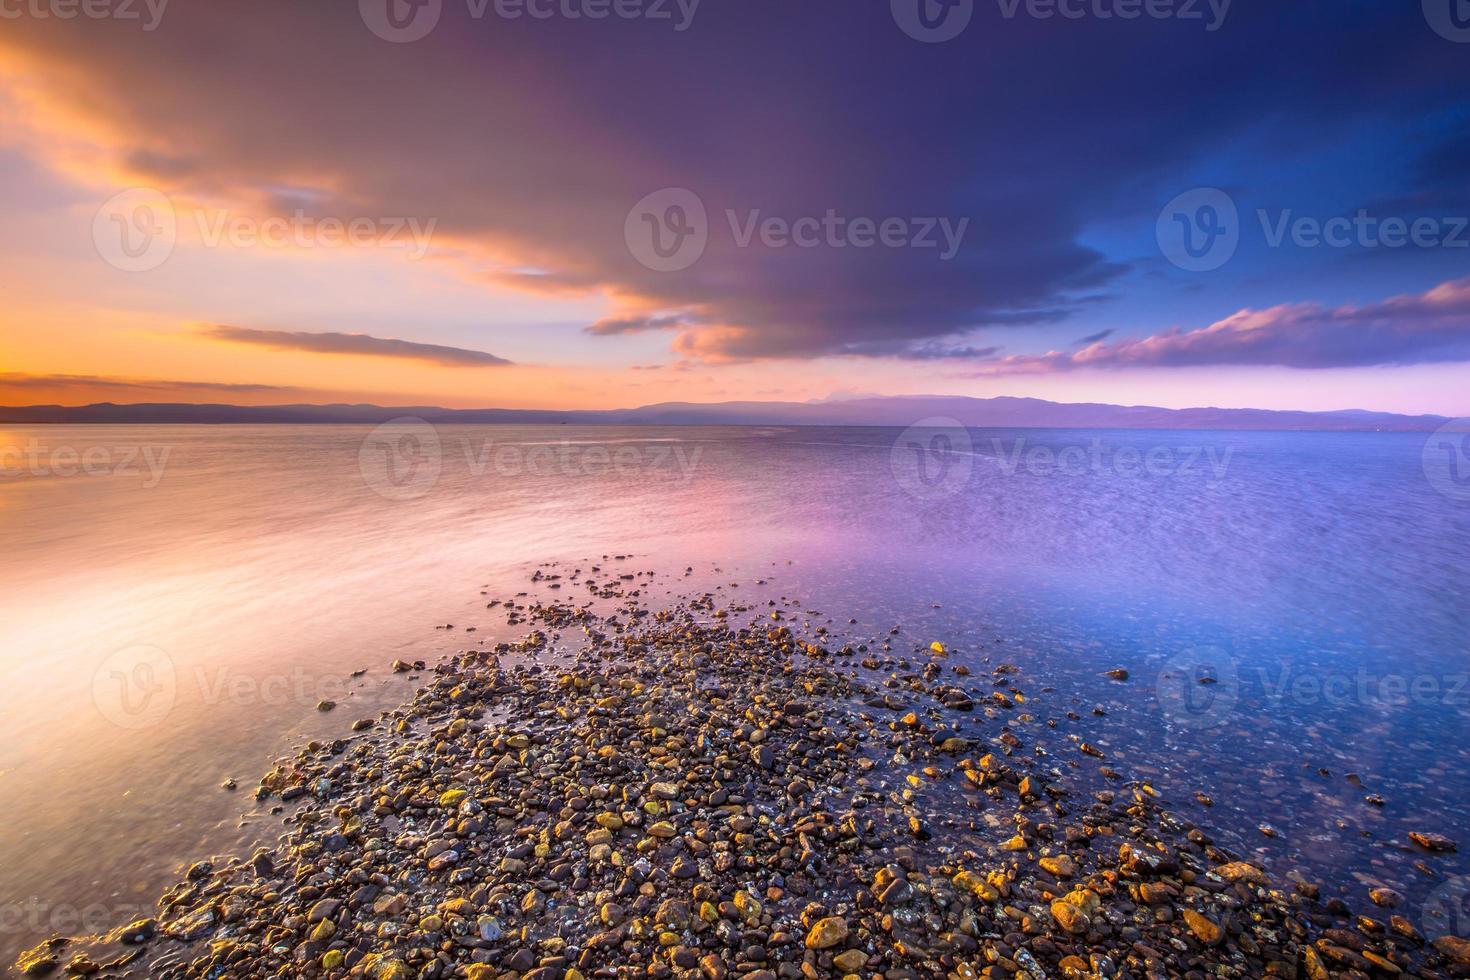 zonsopgang bij een riviermonding op lesbos eiland foto